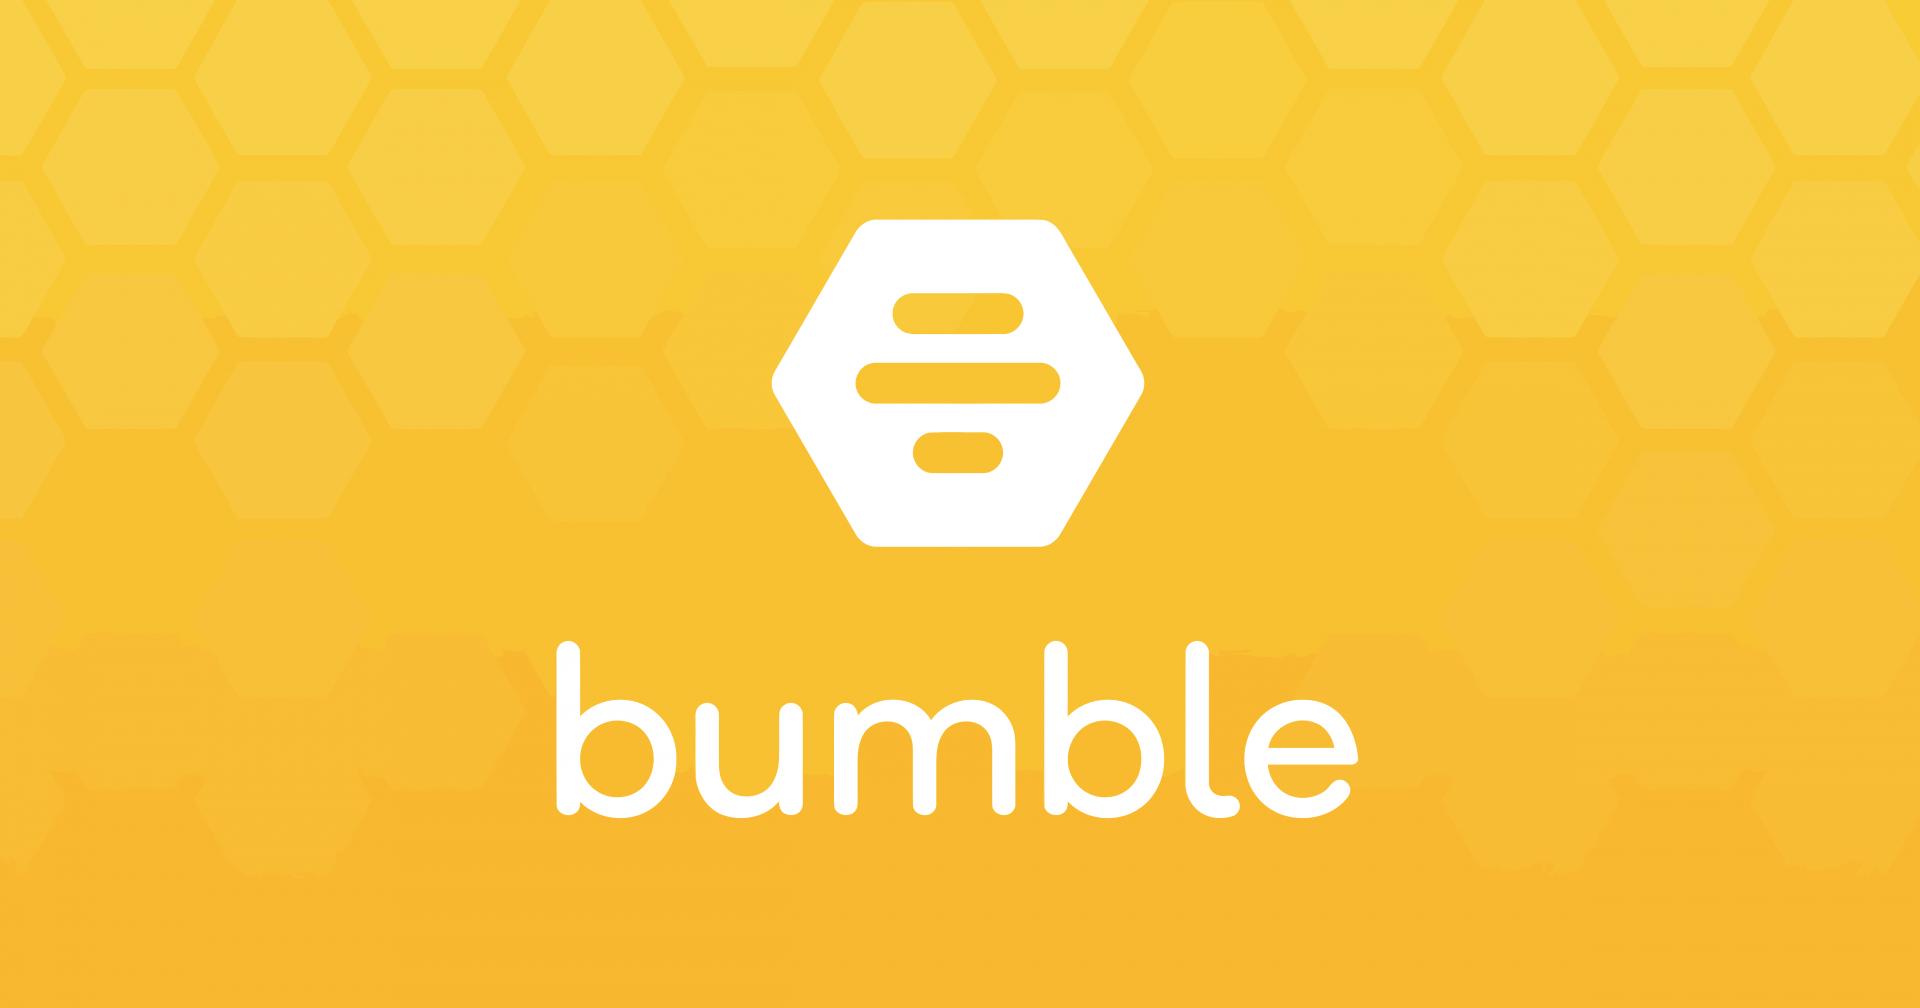 Bumble Logo background